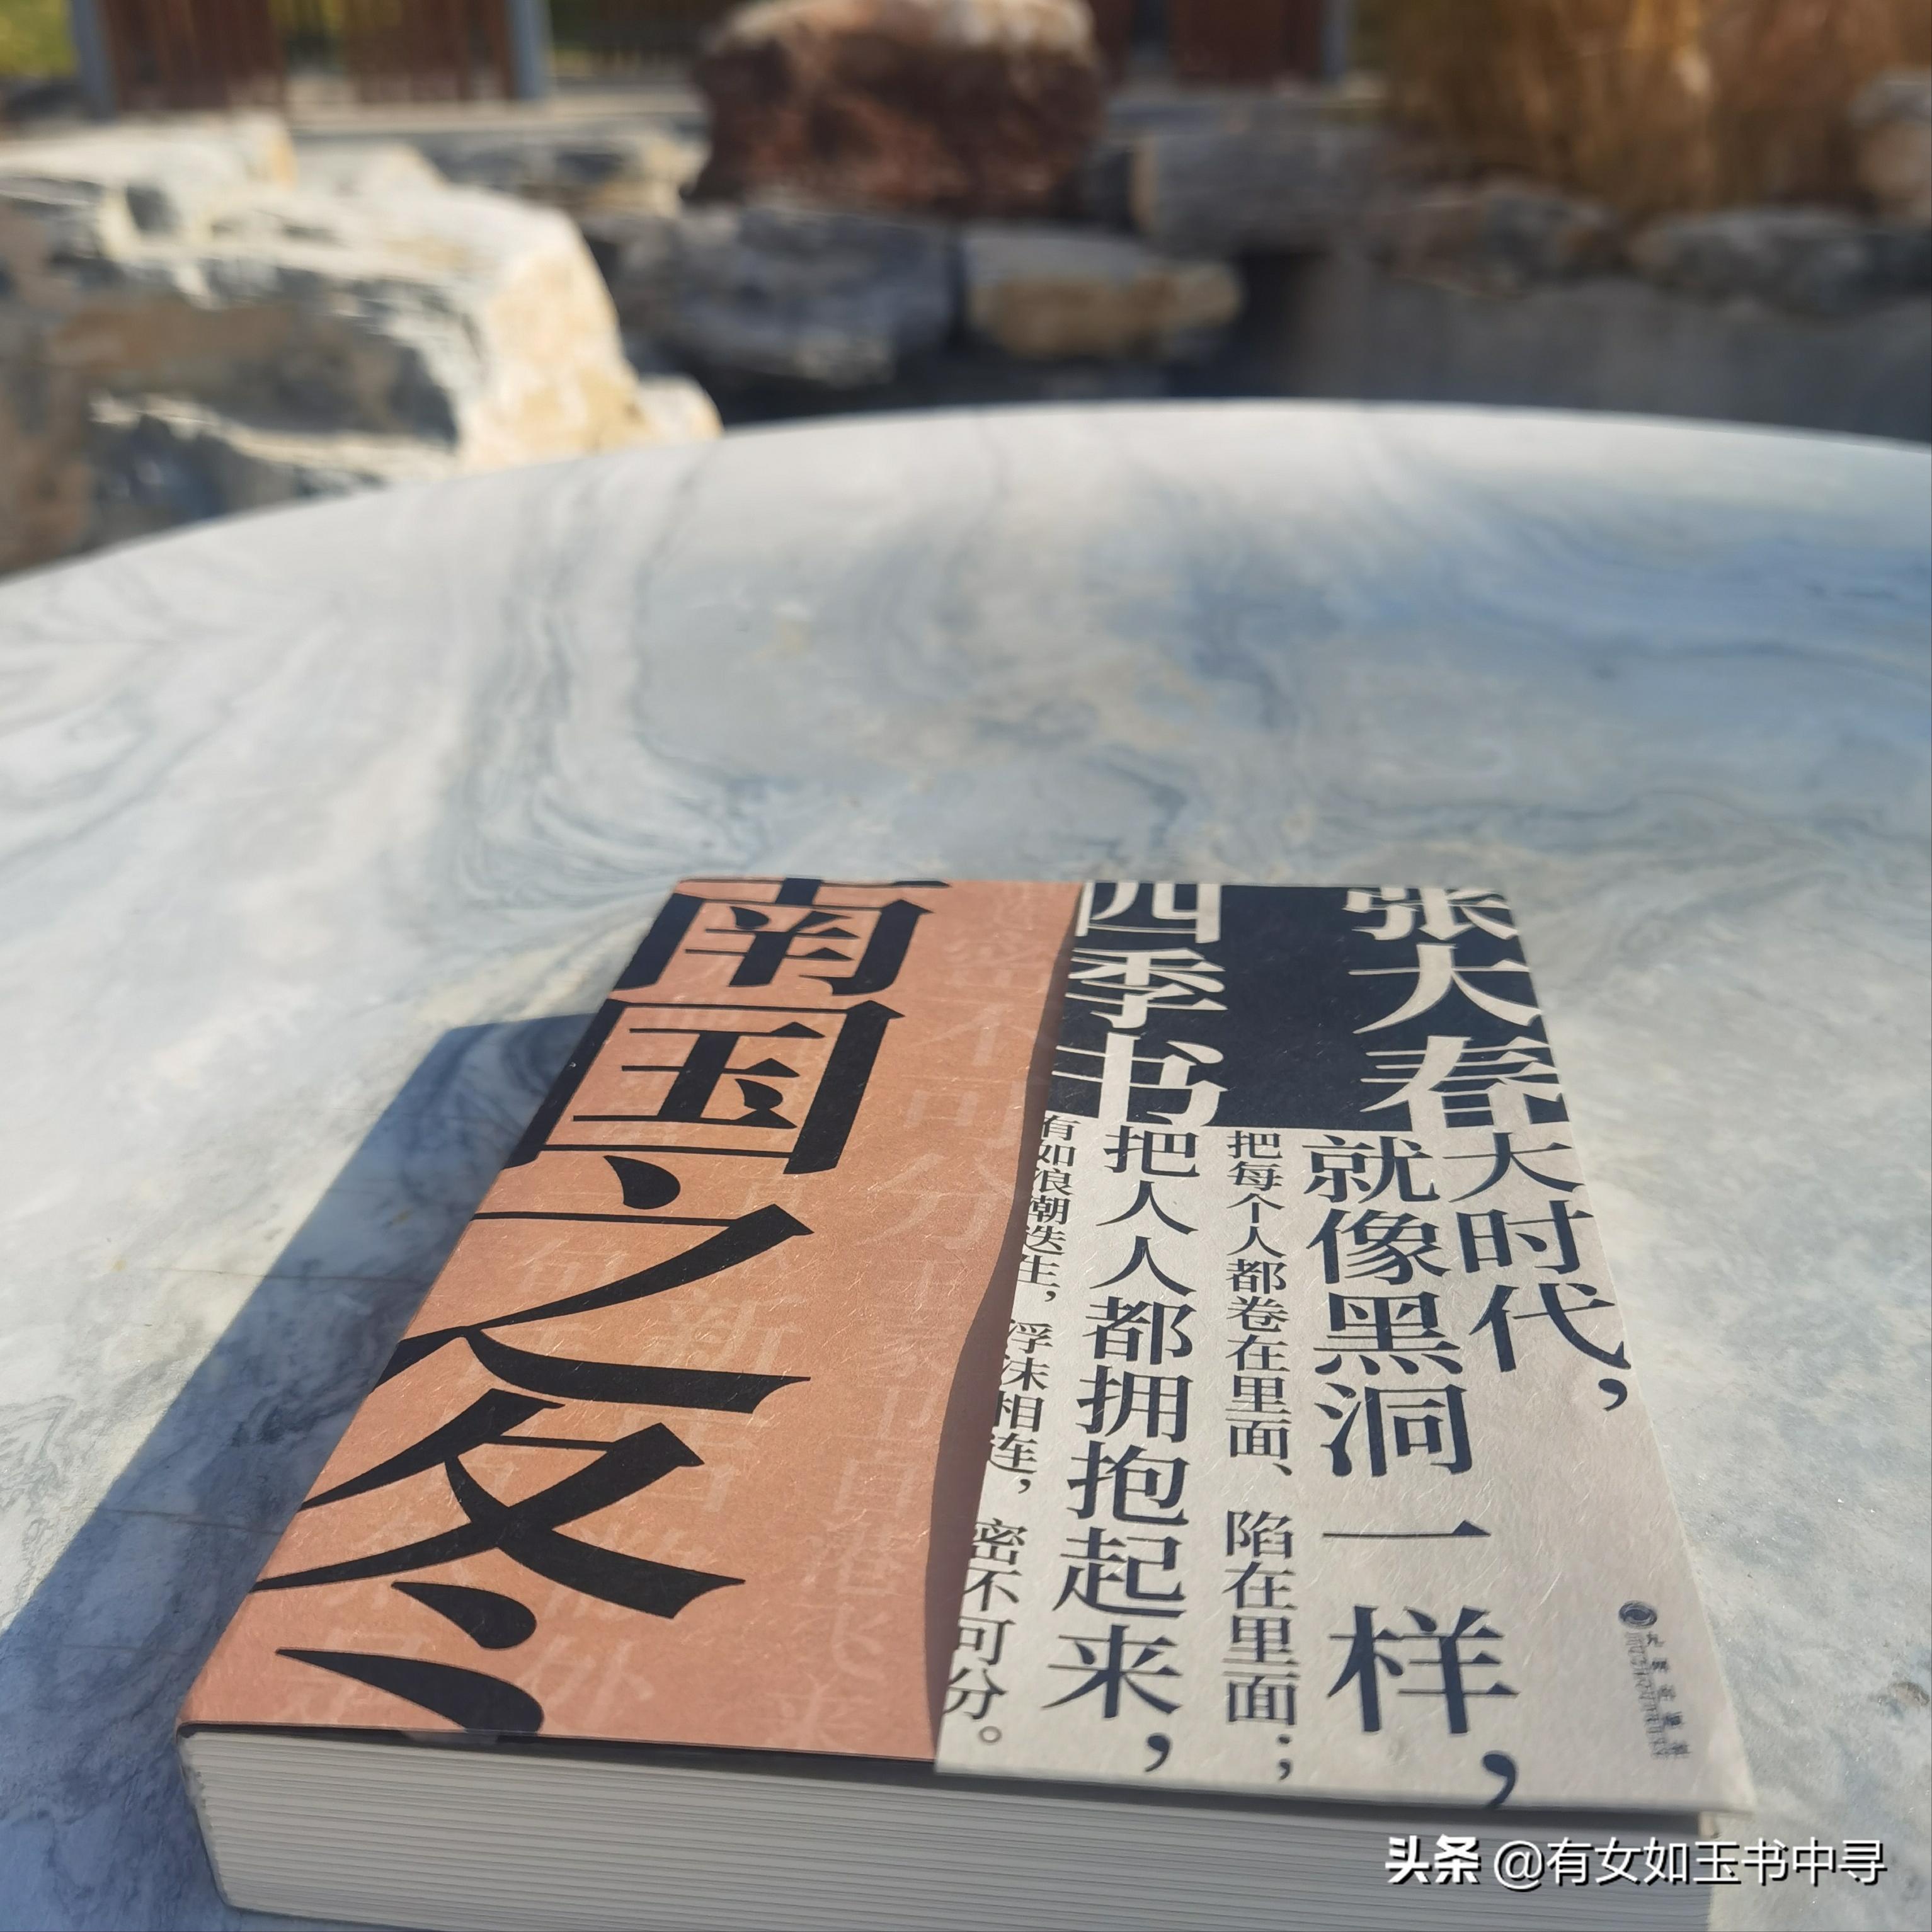 《南国之冬》:王家卫的企图引来说书人张大春讲民国传奇